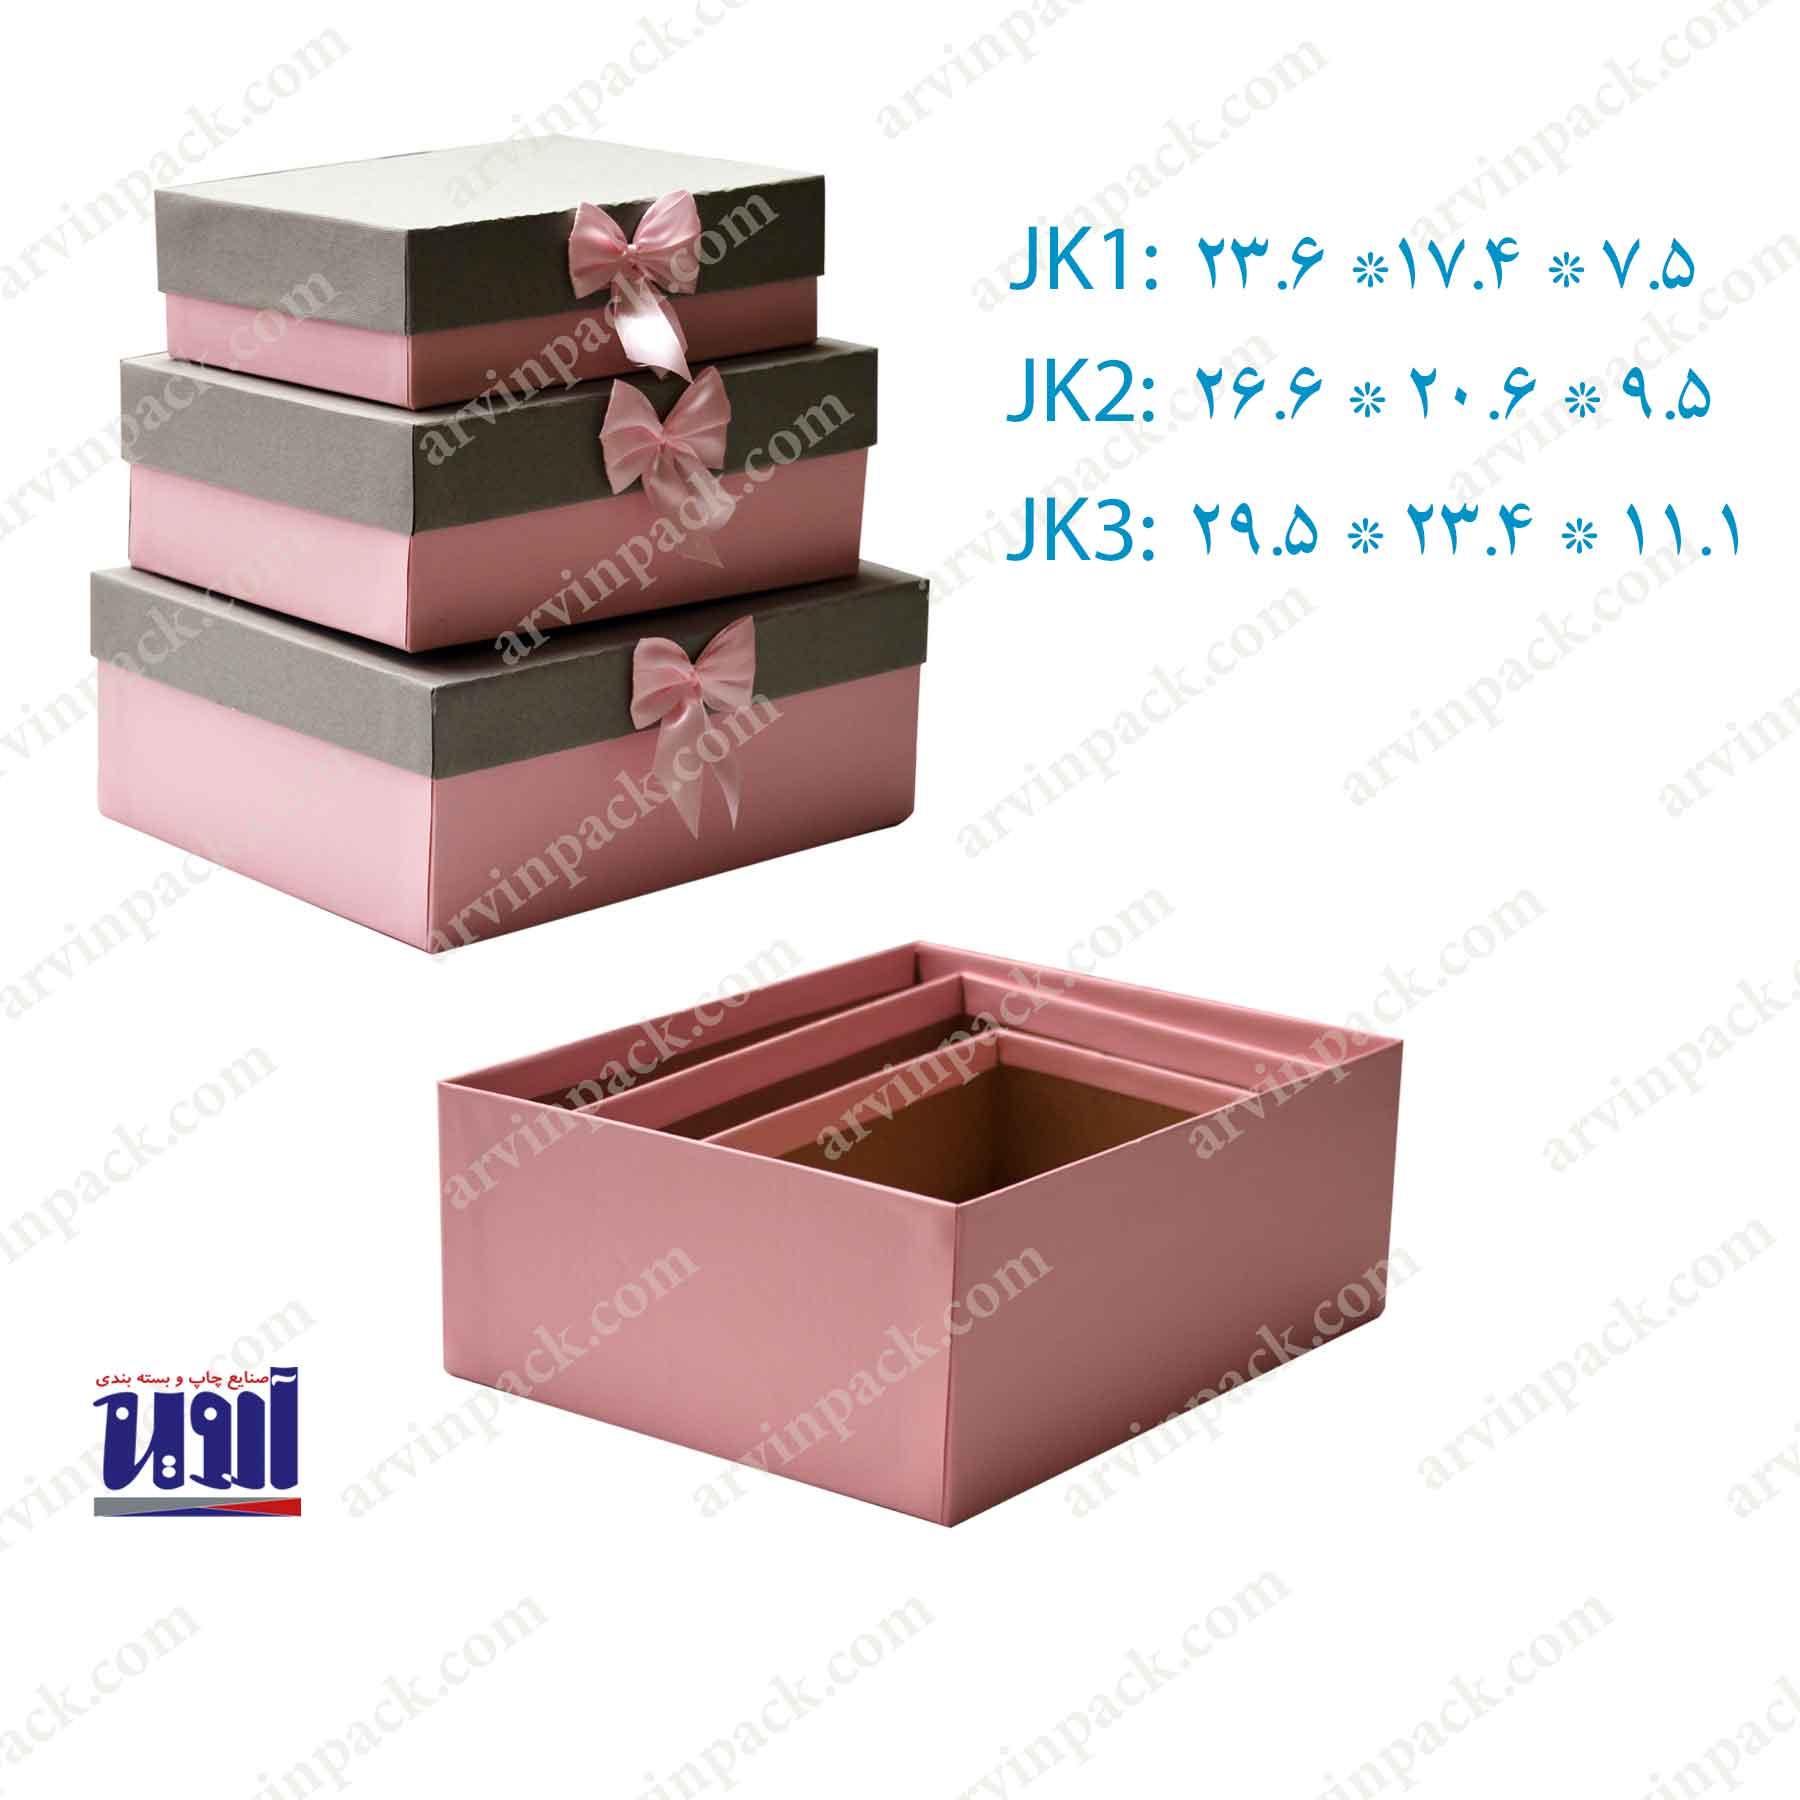 جعبه کادویی ، خرید جعبه کادویی ، فروش جعبه کادویی